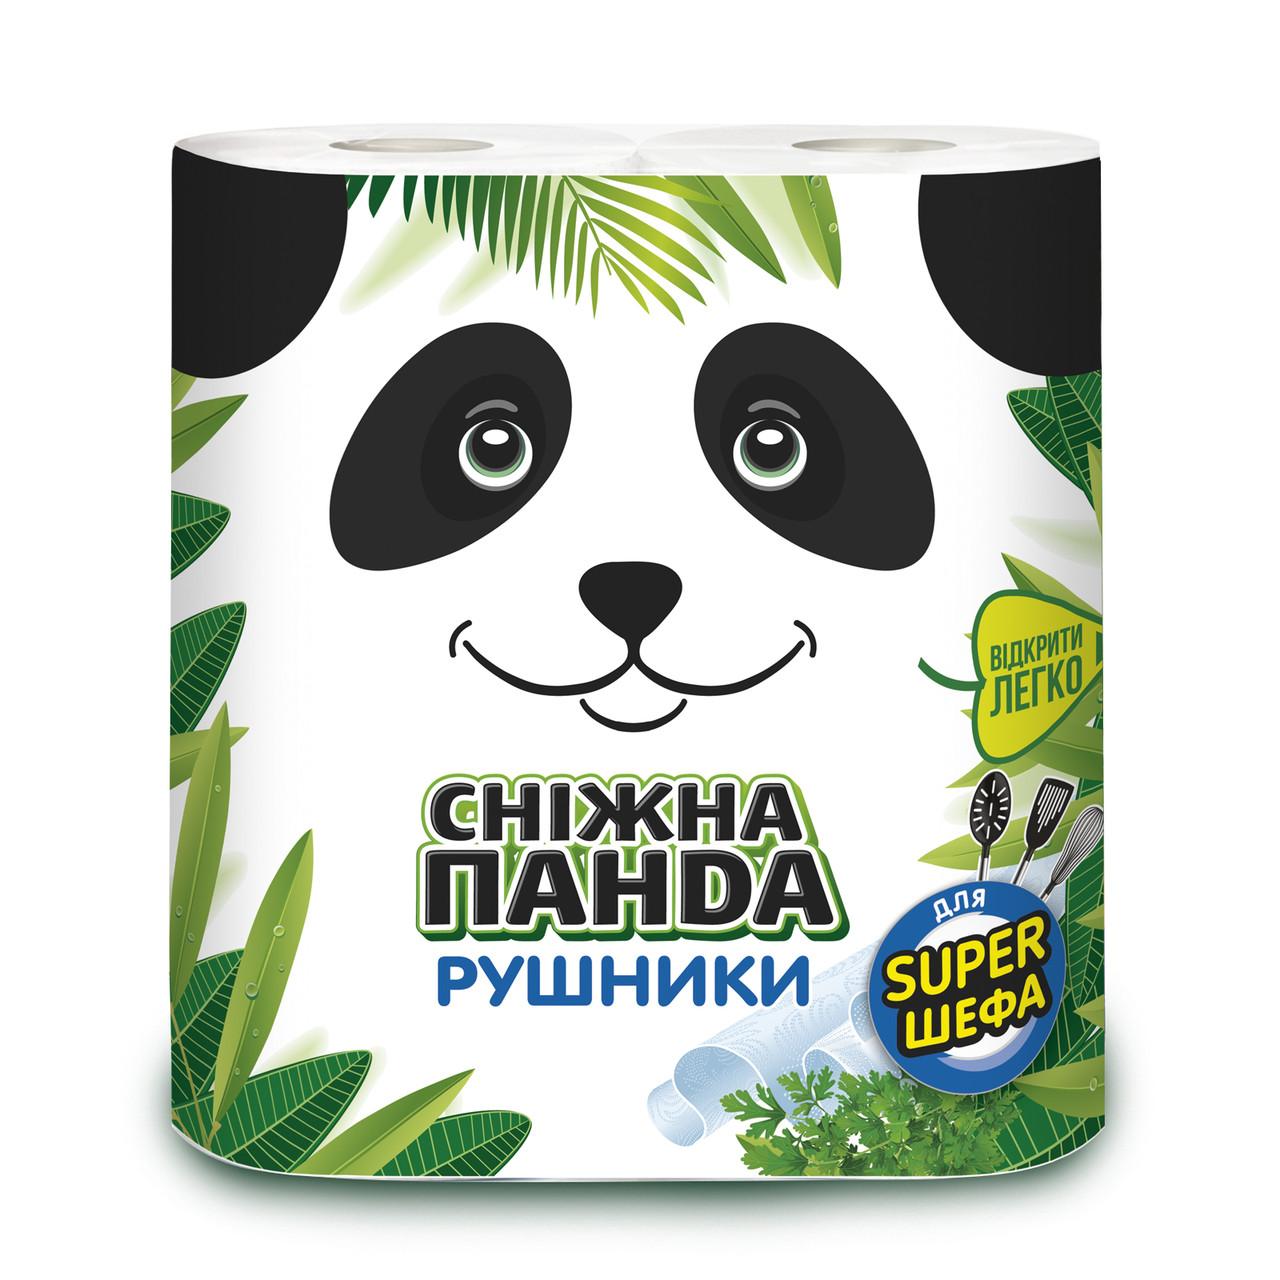 Сніжна Панда рушники 2 шт НУ106